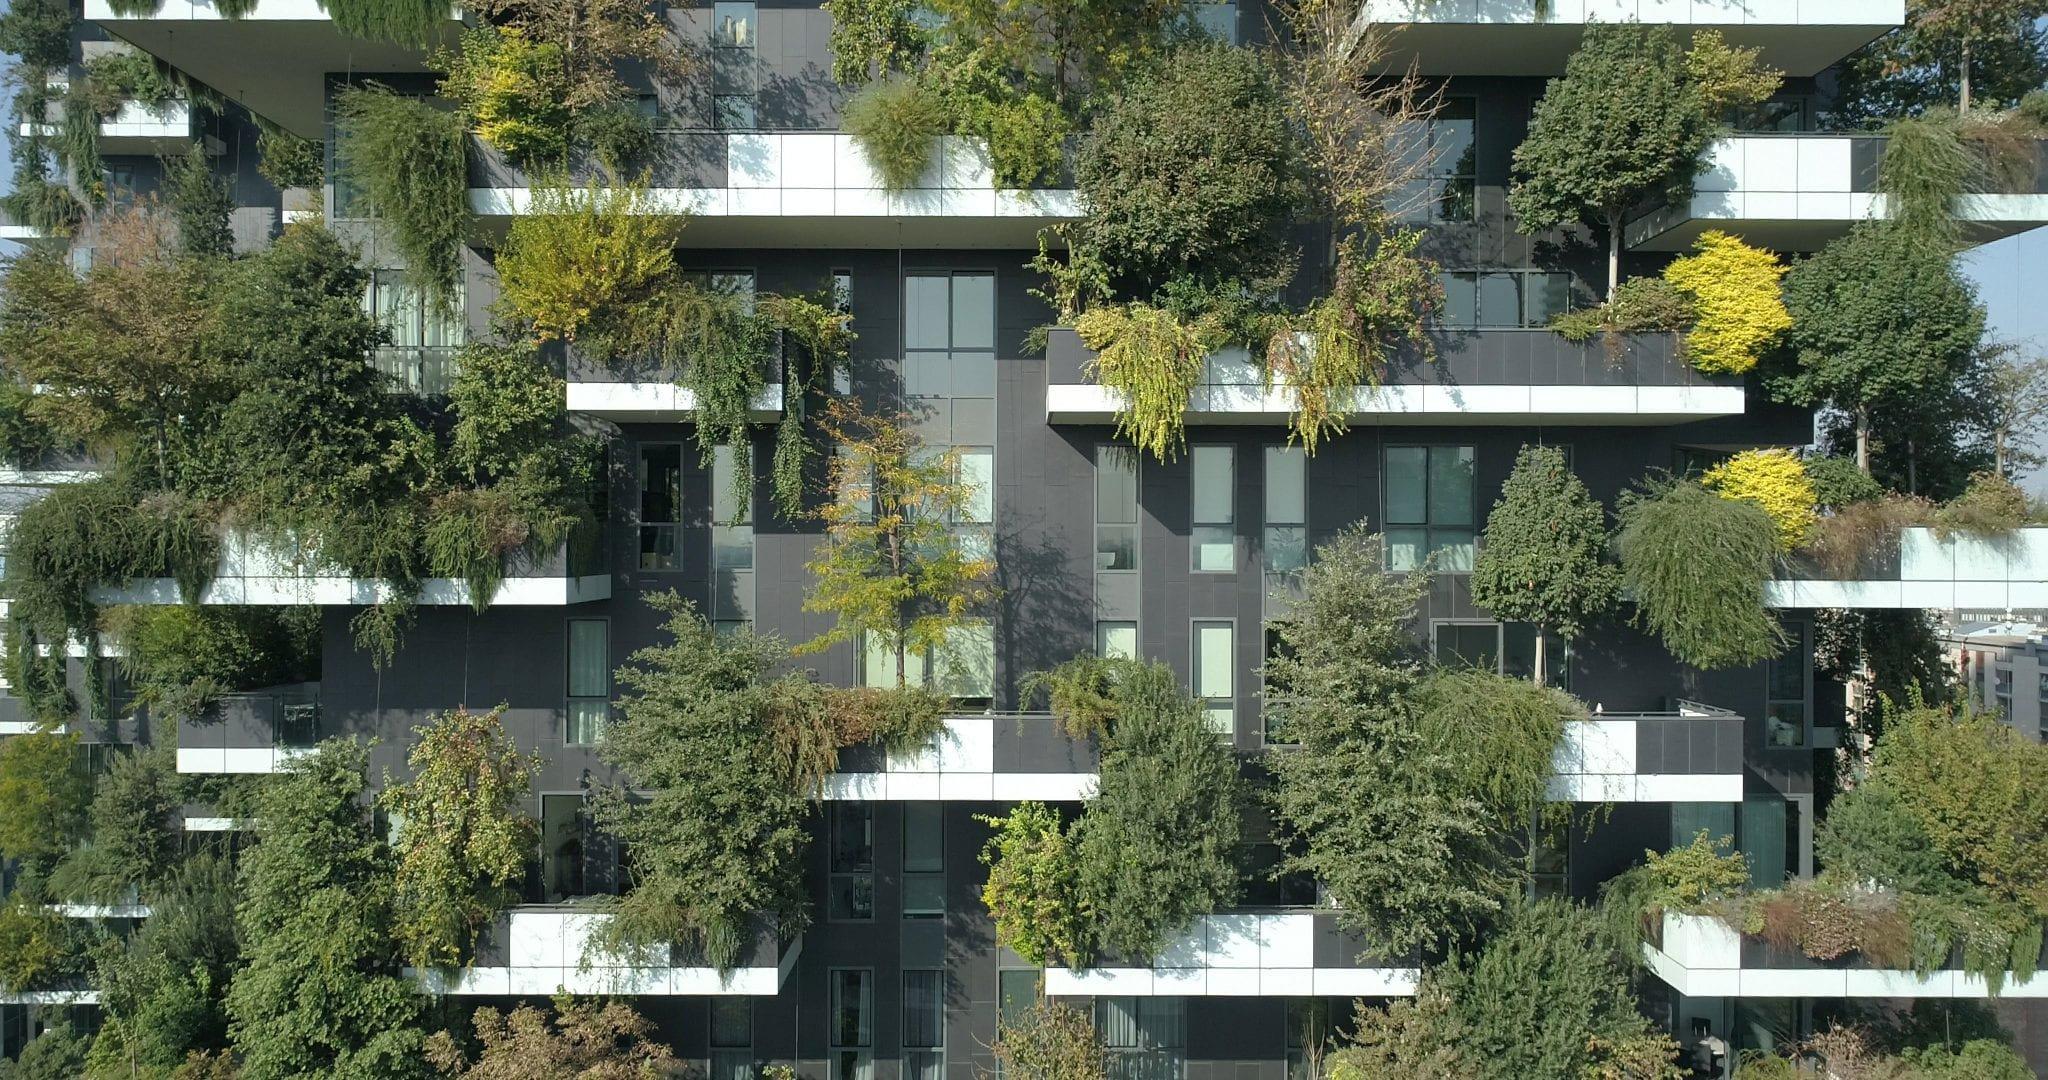 Forestami, il progetto per piantare 3 milioni di alberi a Milano